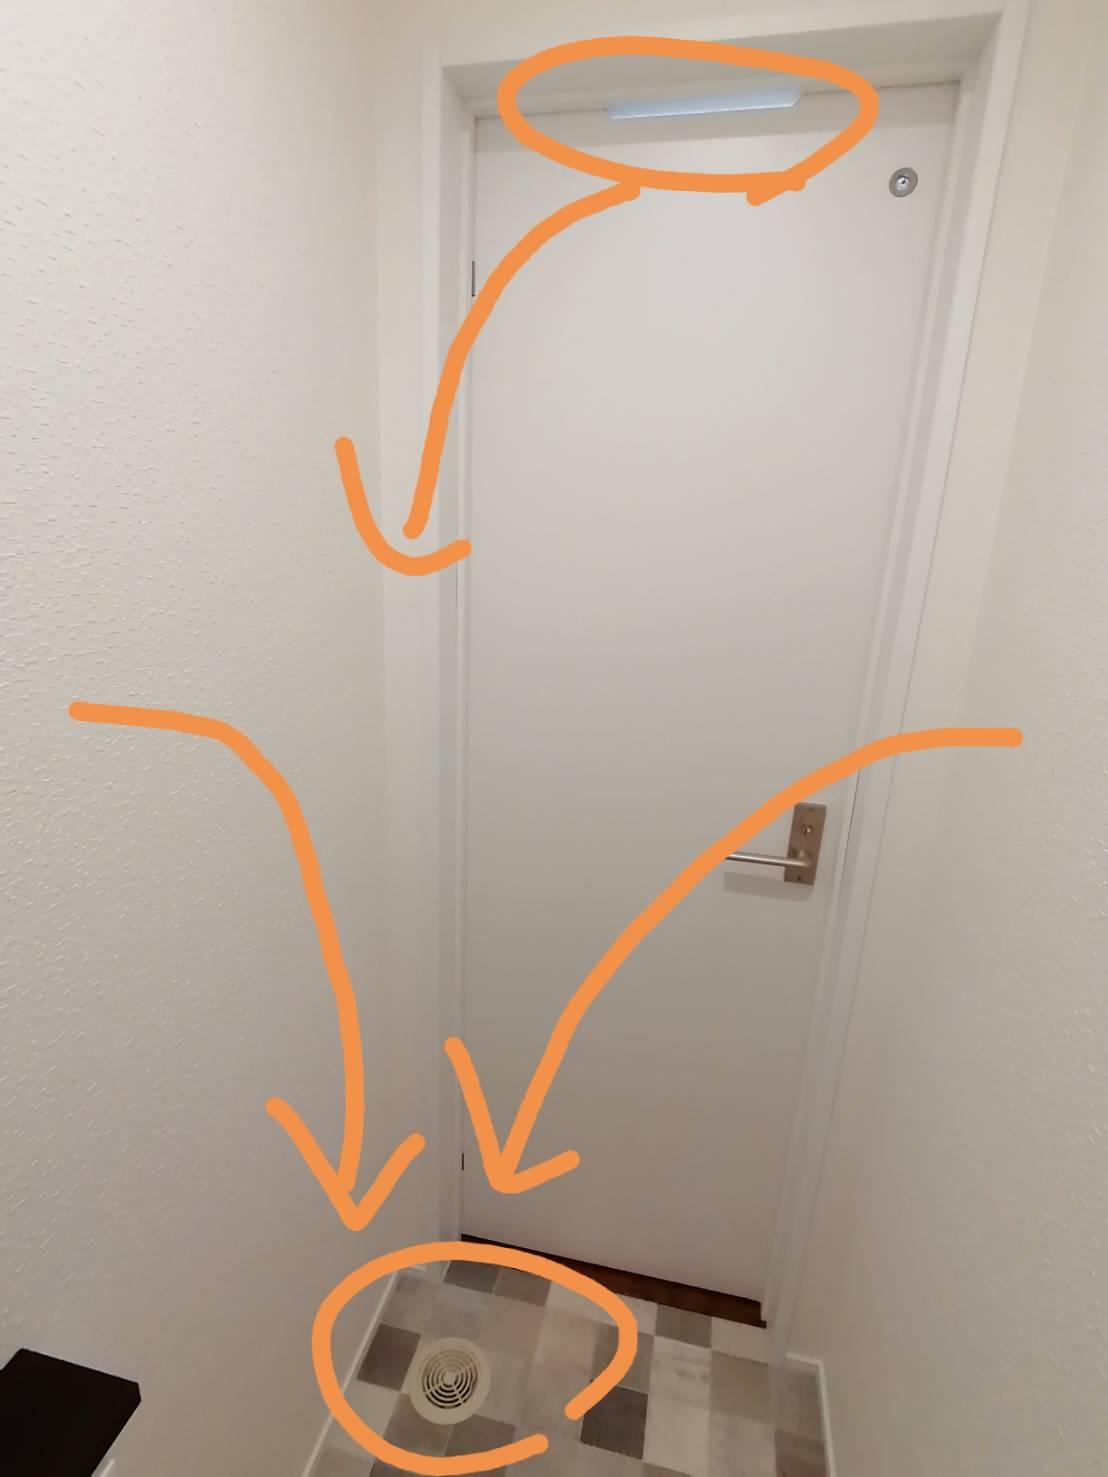 トイレのにおい対策(アッパーカット+床面排気)